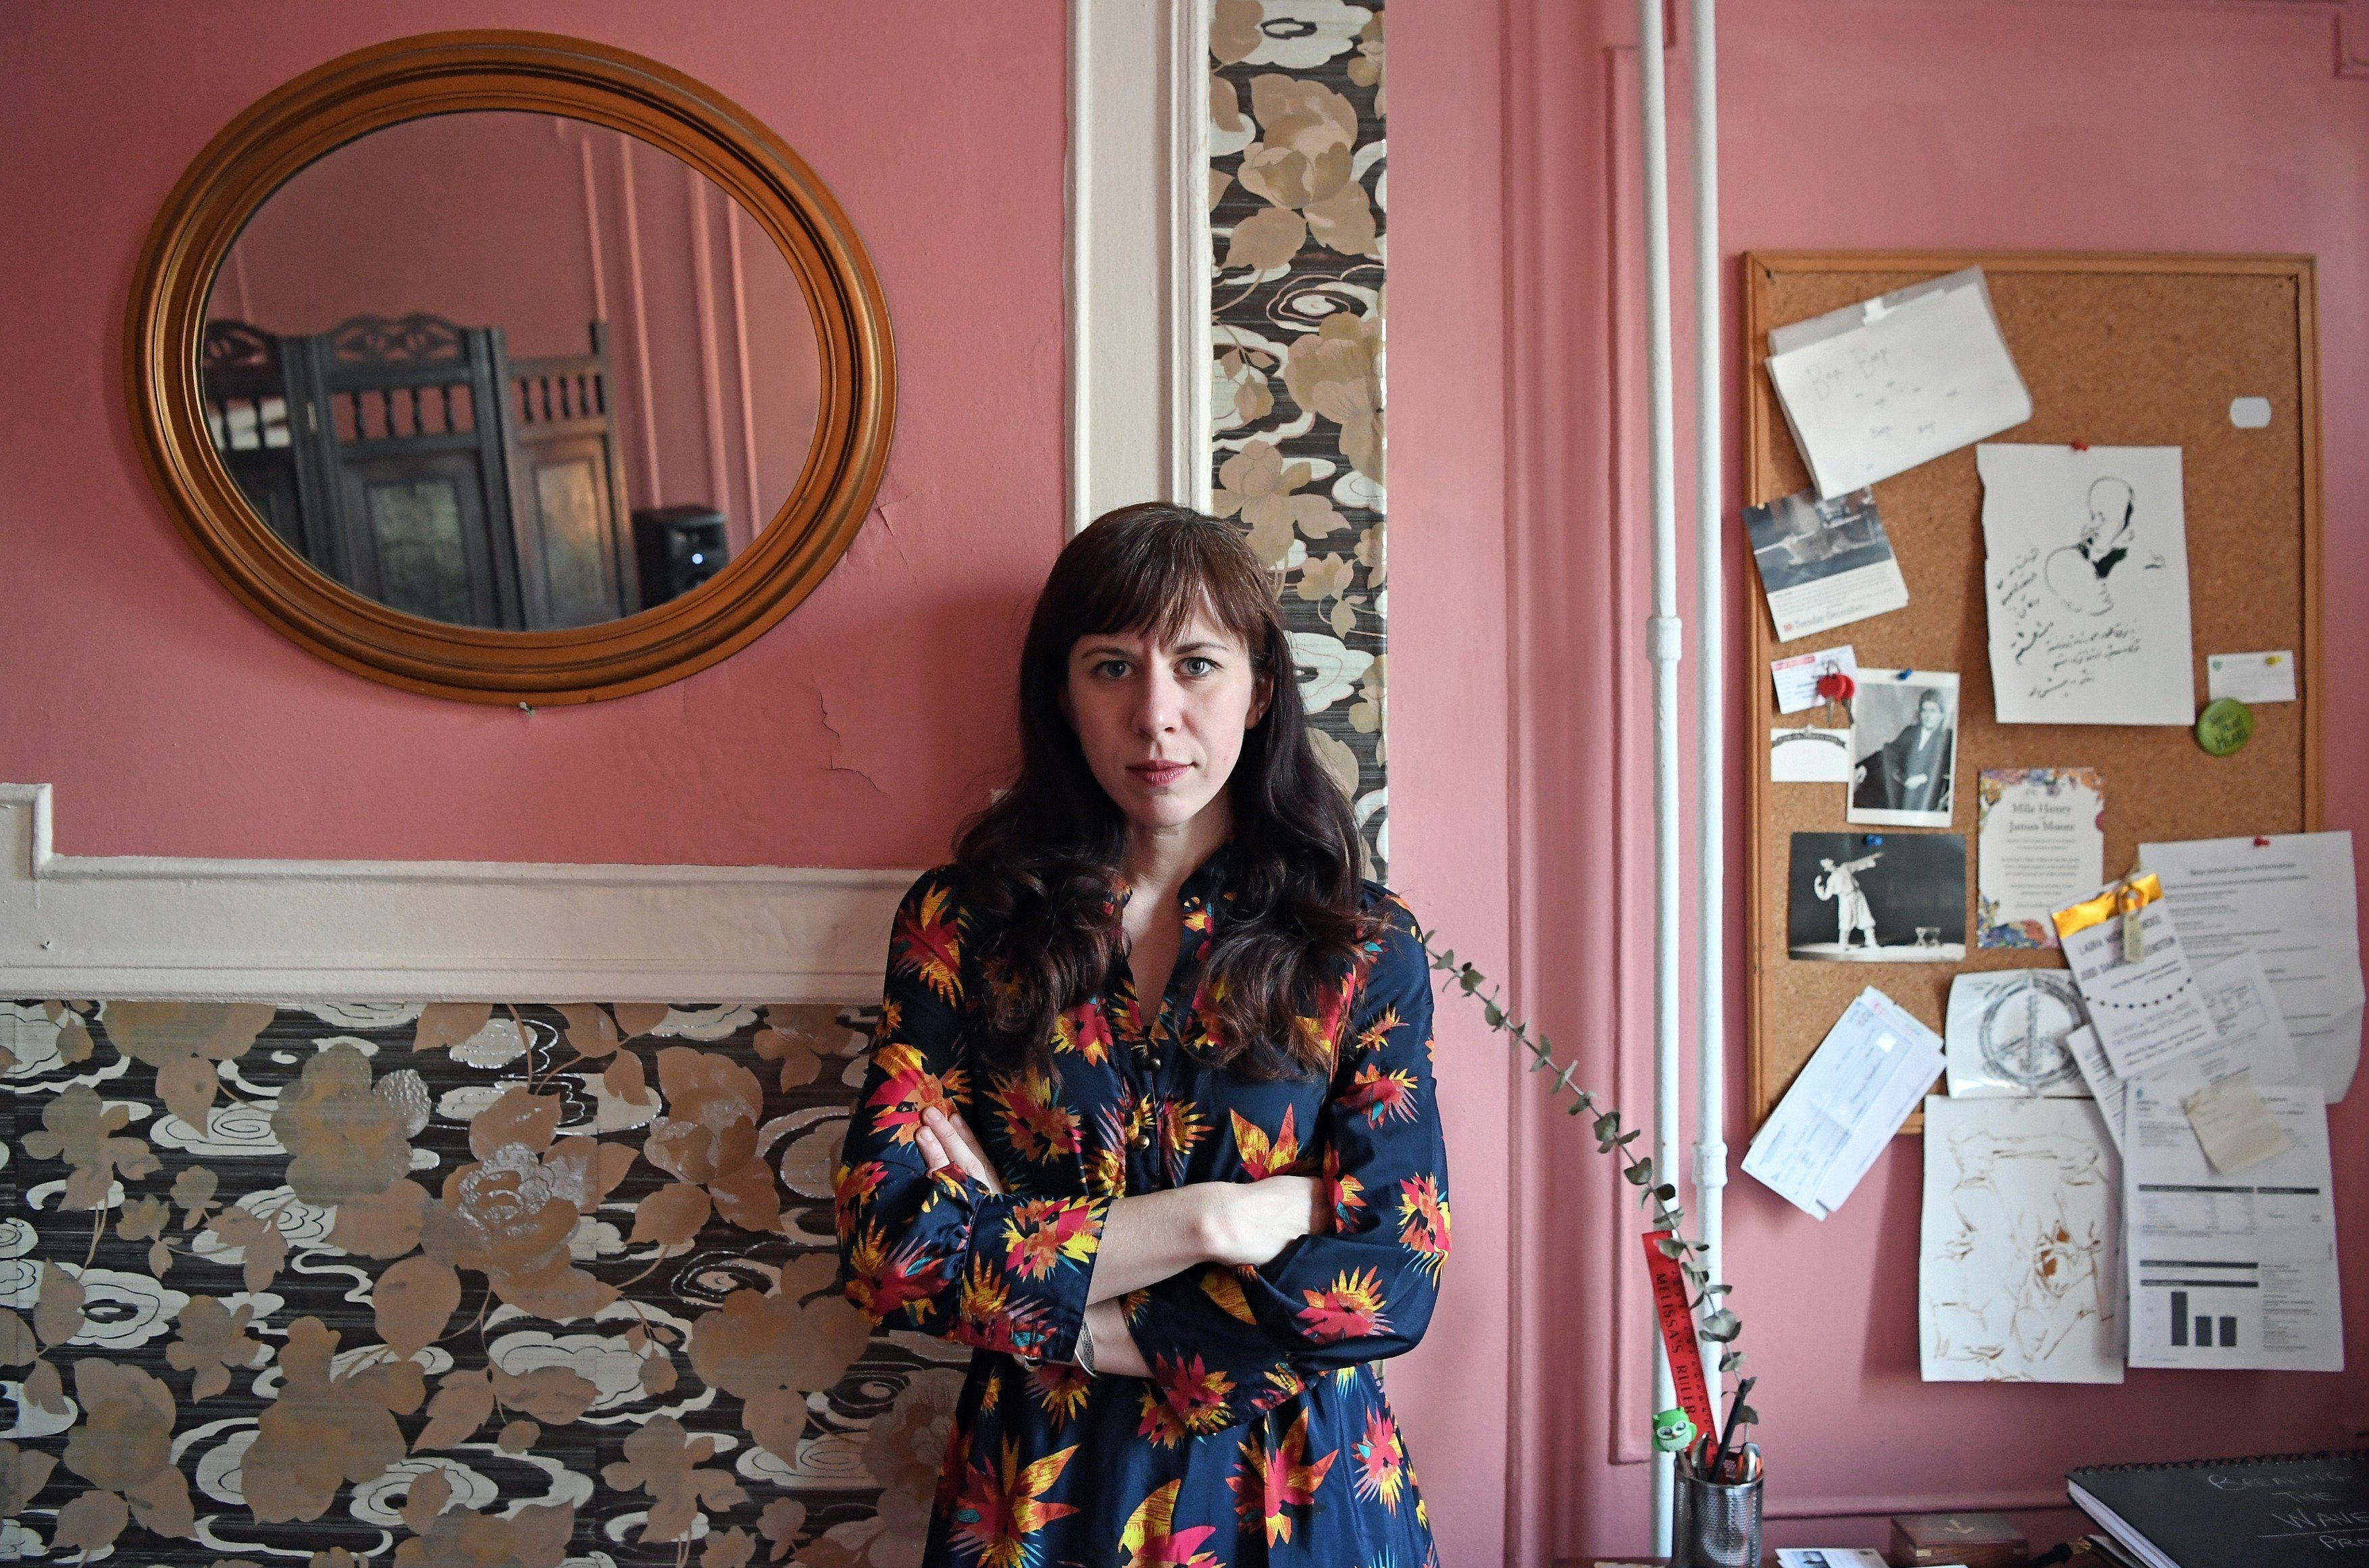 Brooklynská skladatelka Missy Mazzoli, autorka oper Song from the Uproar a Breaking the Waves